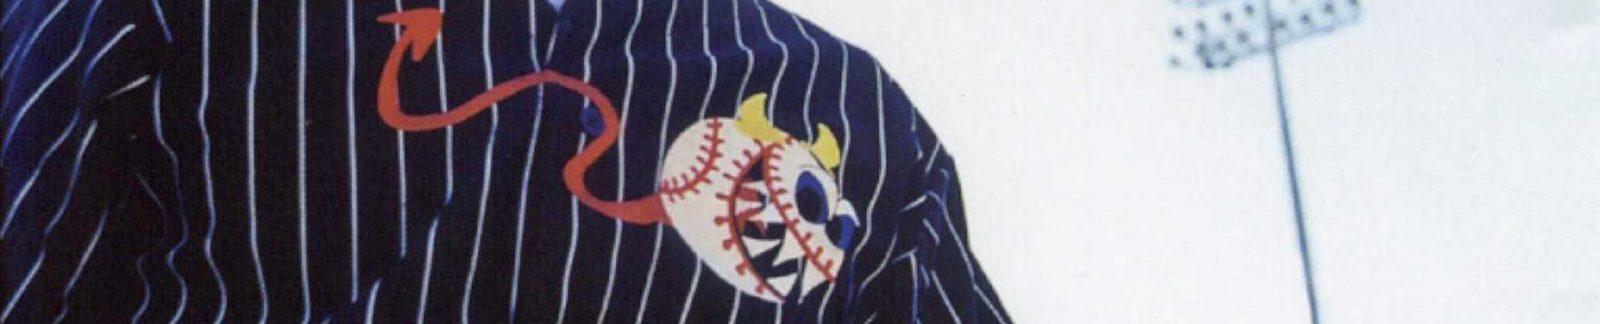 ball-of-waxBall of Wax - Baseball movie header